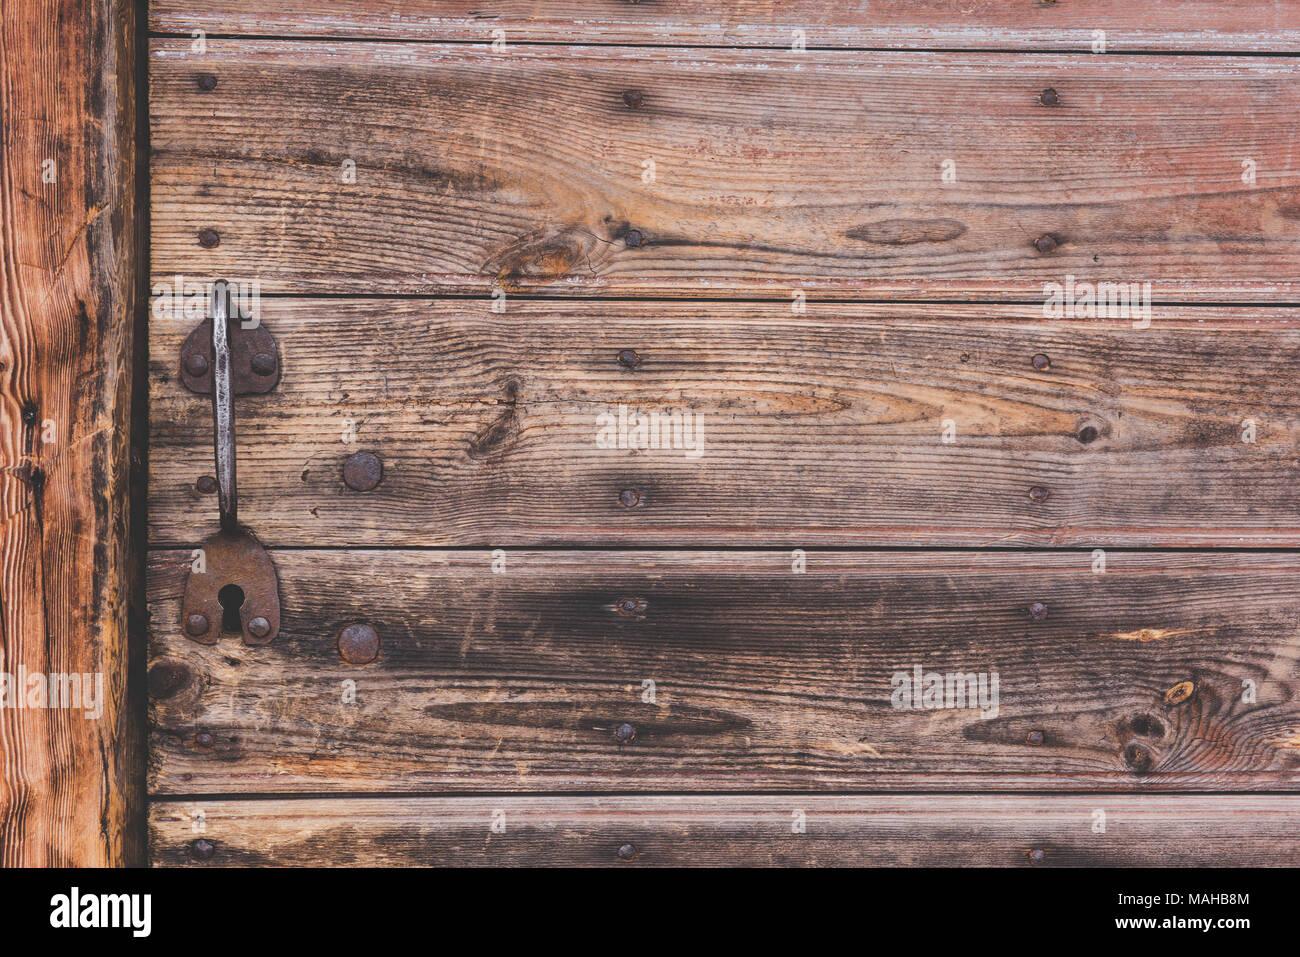 Metallic handle of door is in an old house - Stock Image